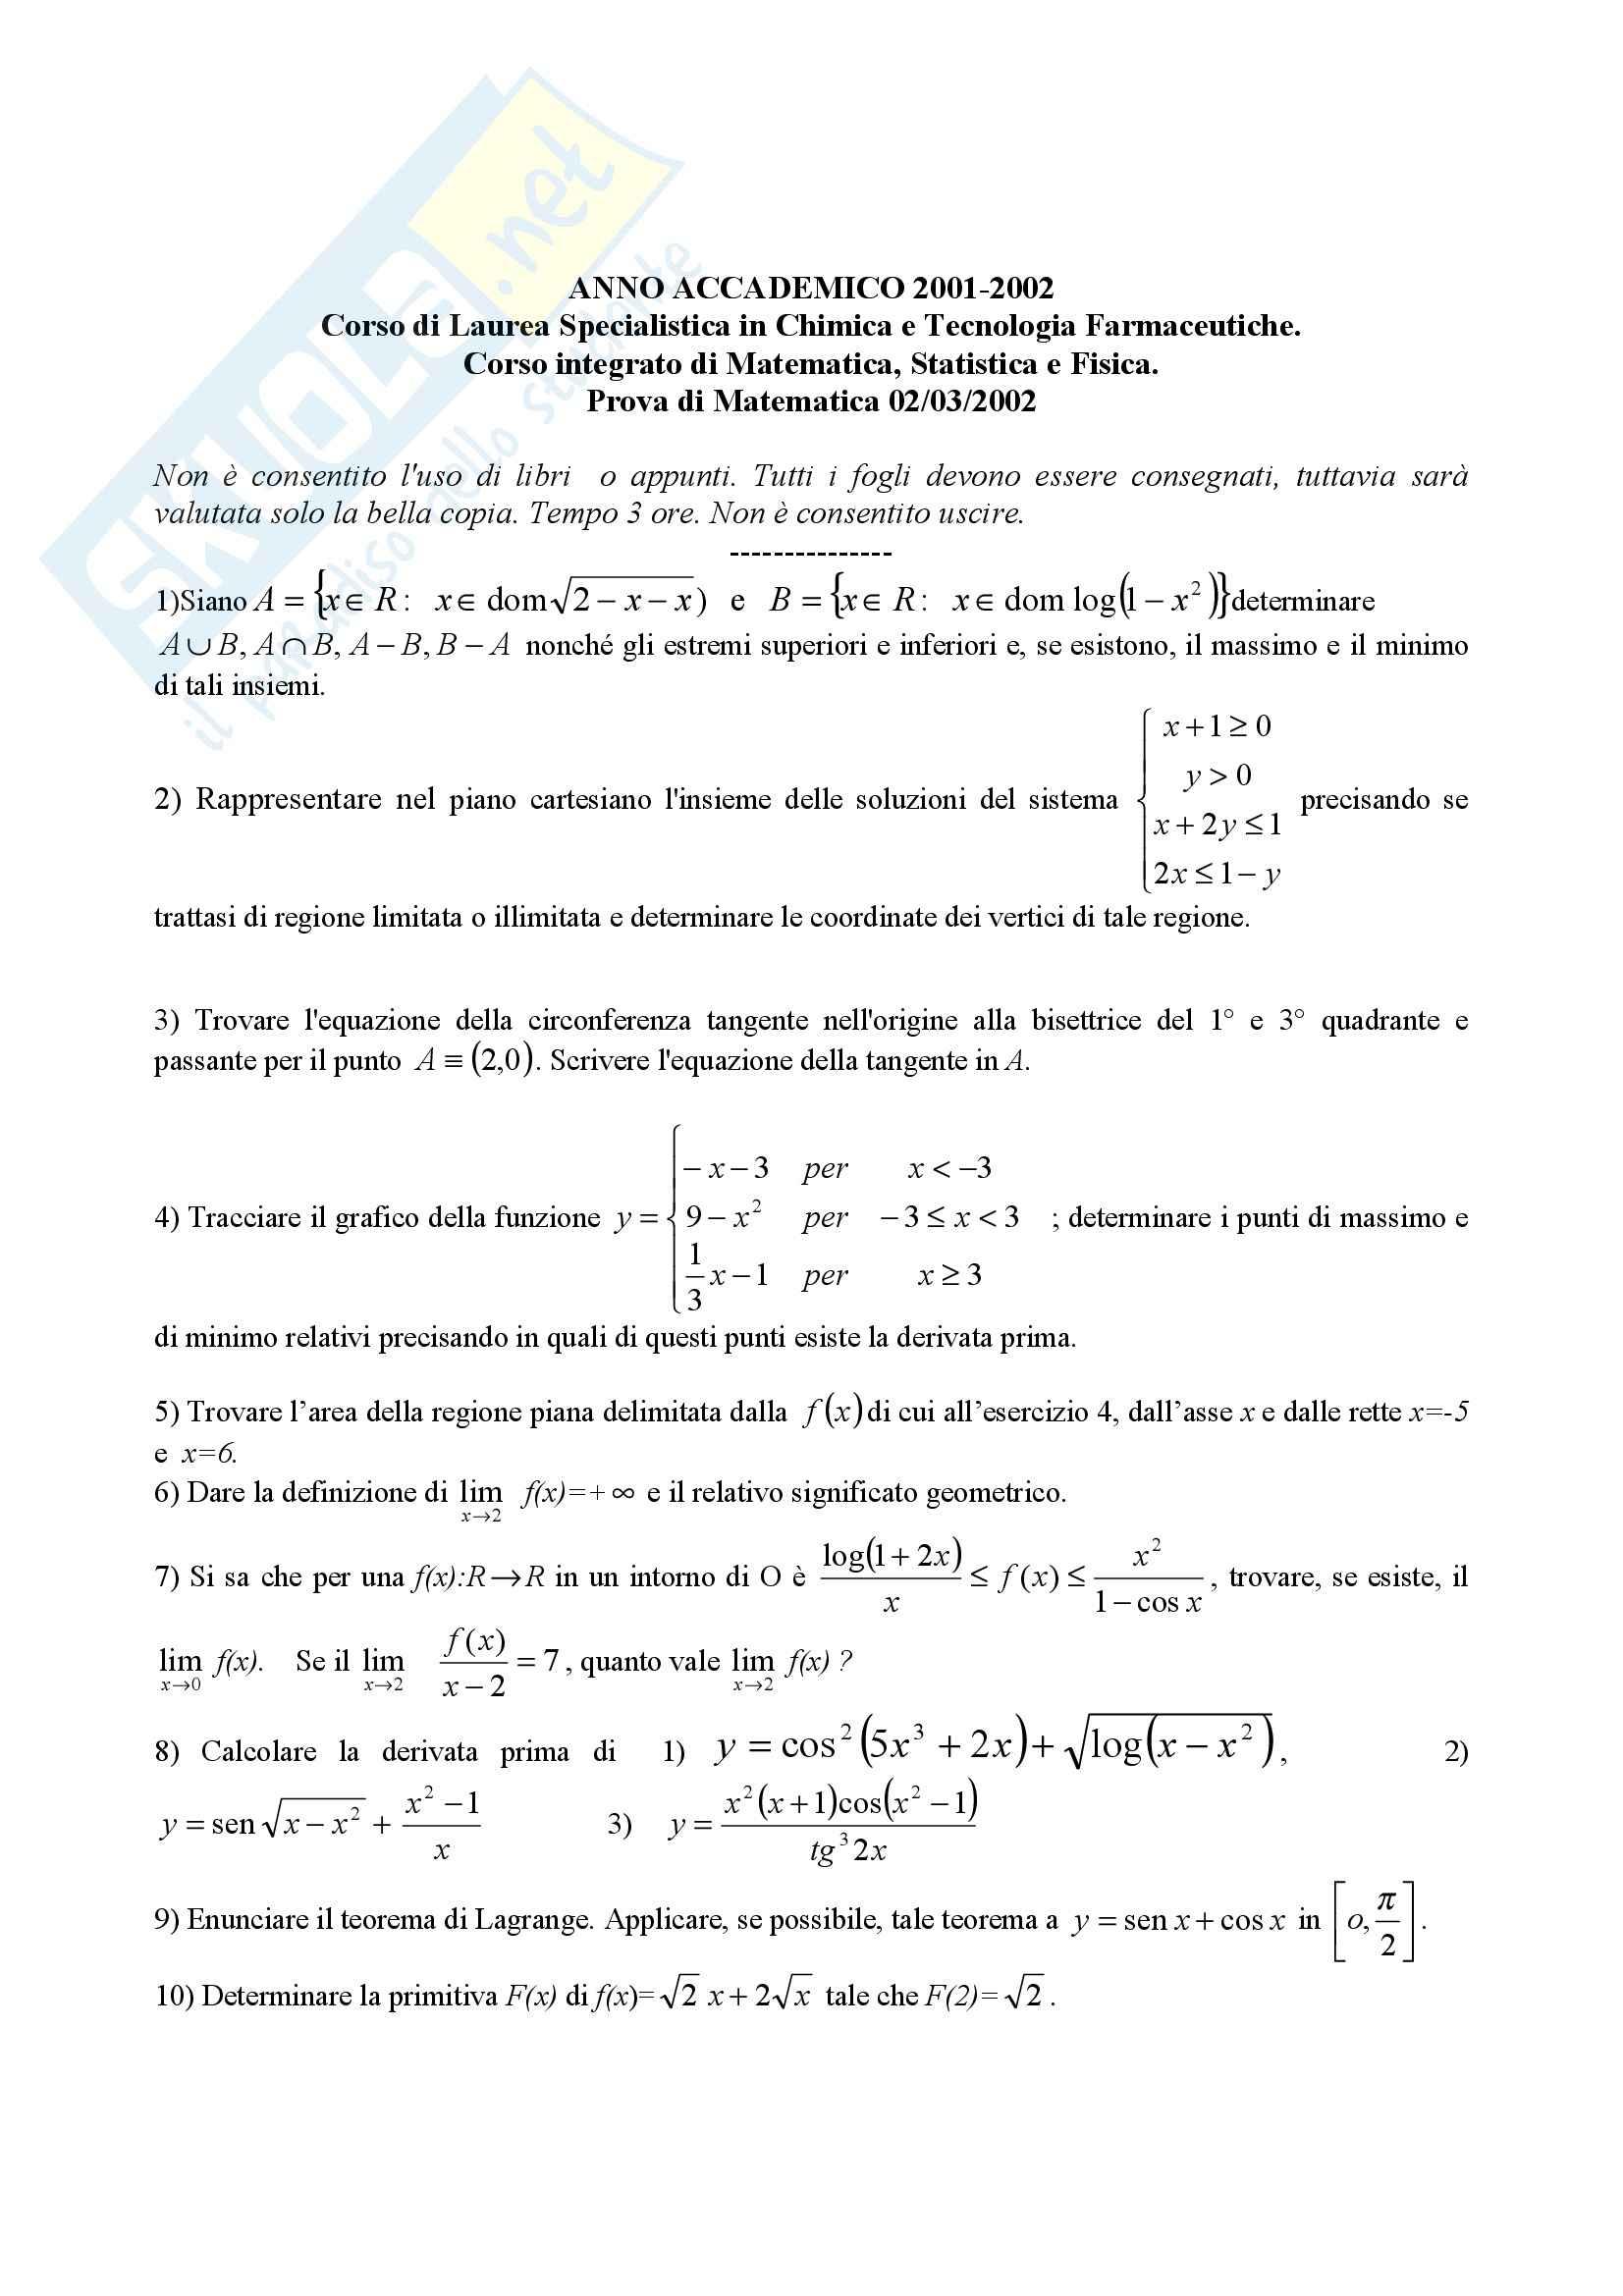 Matematica - Esercizi esame